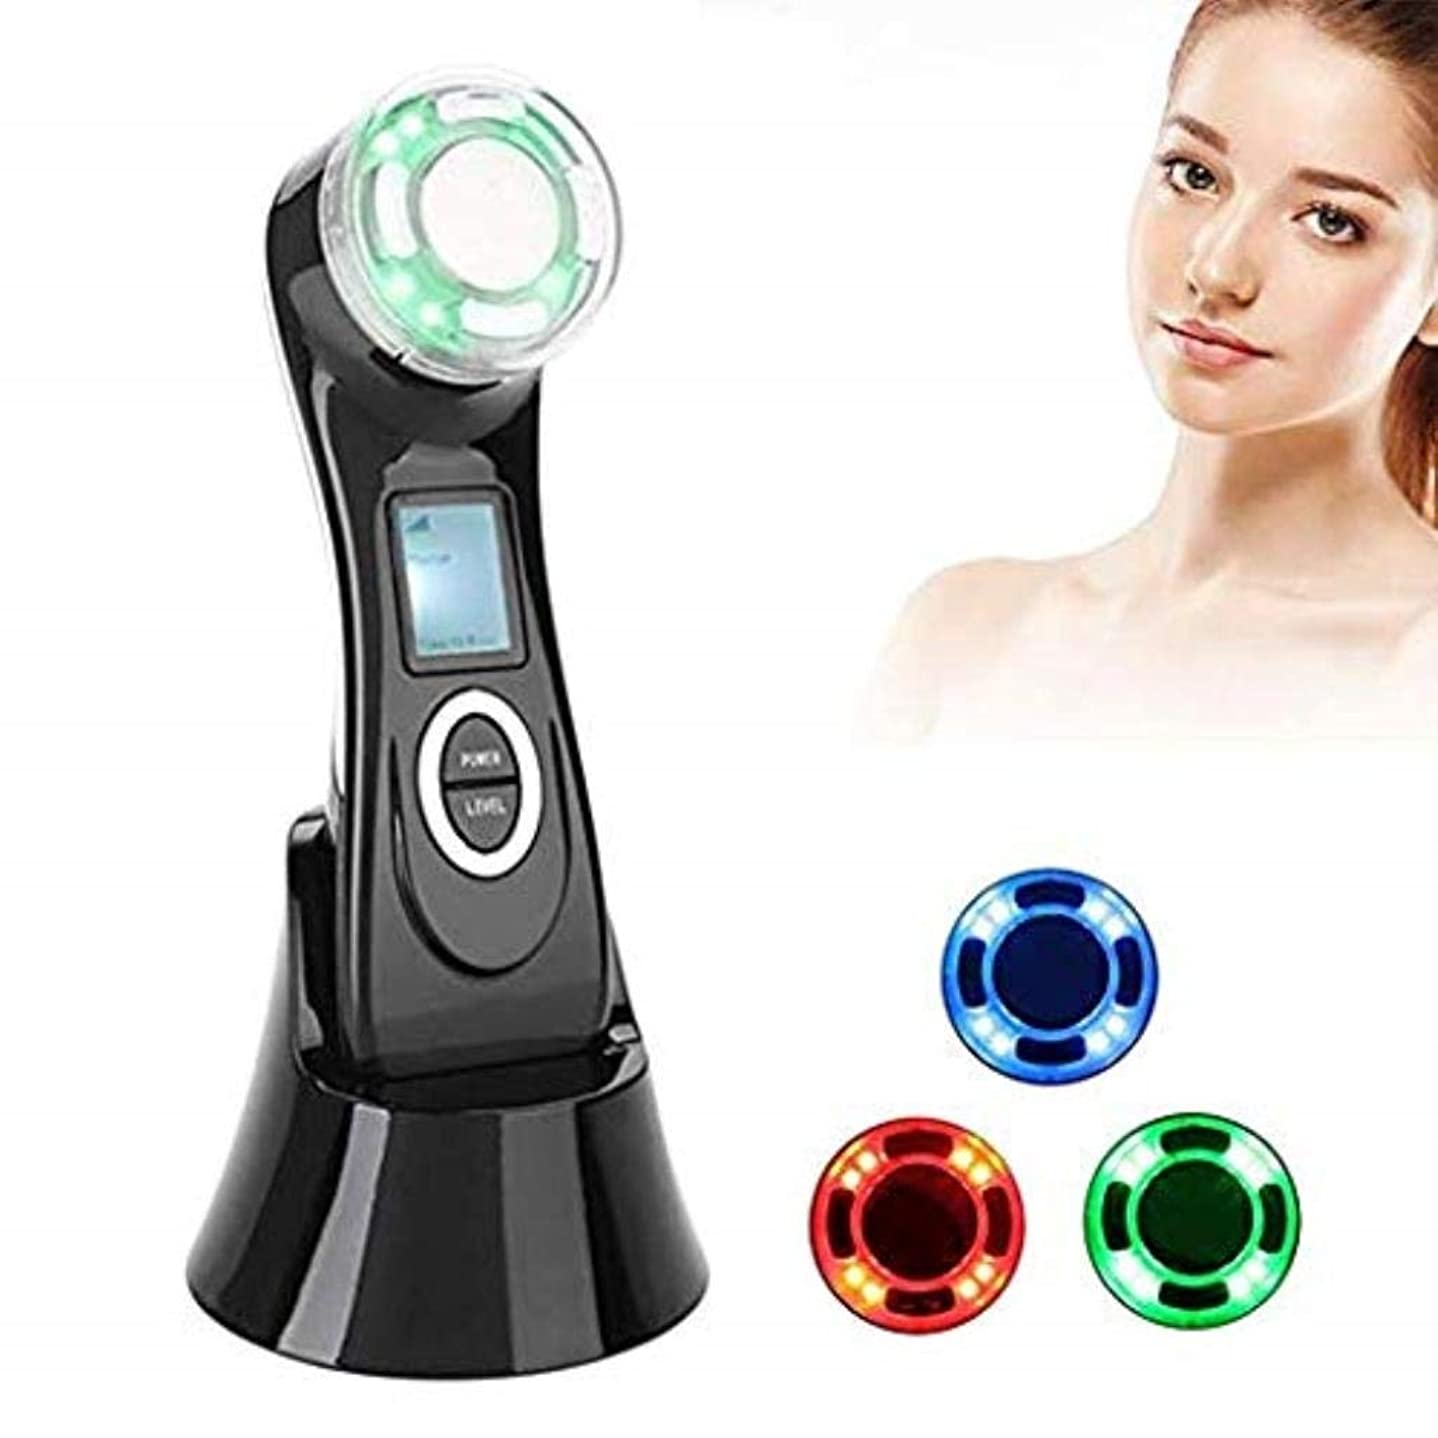 夢中偉業ちょっと待ってMJWM 美しくなる 1つのしわの減少装置高周波RF LED EMSの美のマッサージャーの顔のマッサージャー5つ/持ち上がること/反老化/皮のきつく締まること/表面清潔になること/反アクネ 肌を改善する